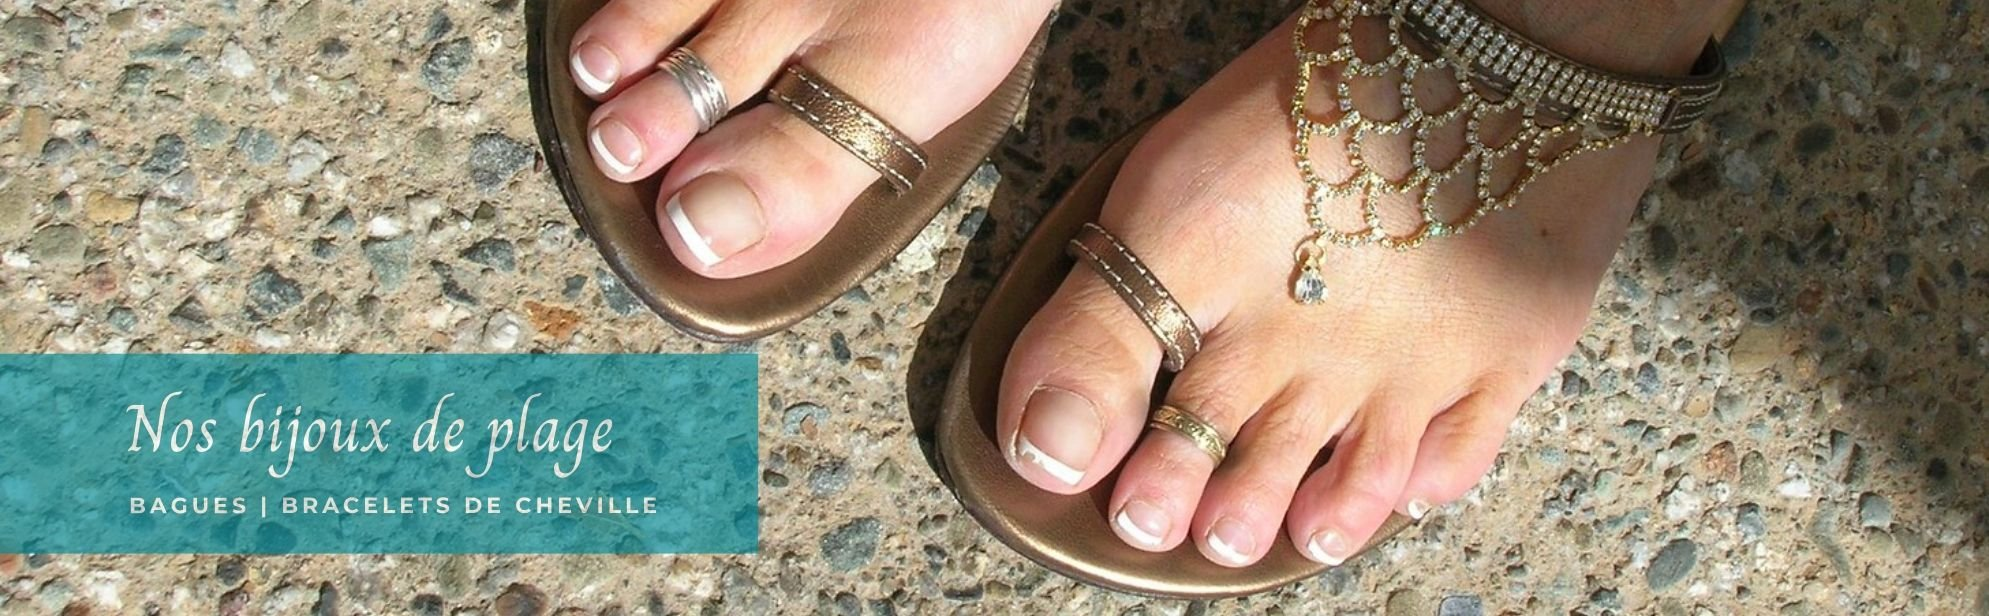 Découvrez nos bracelets chevilles et bagues de pieds